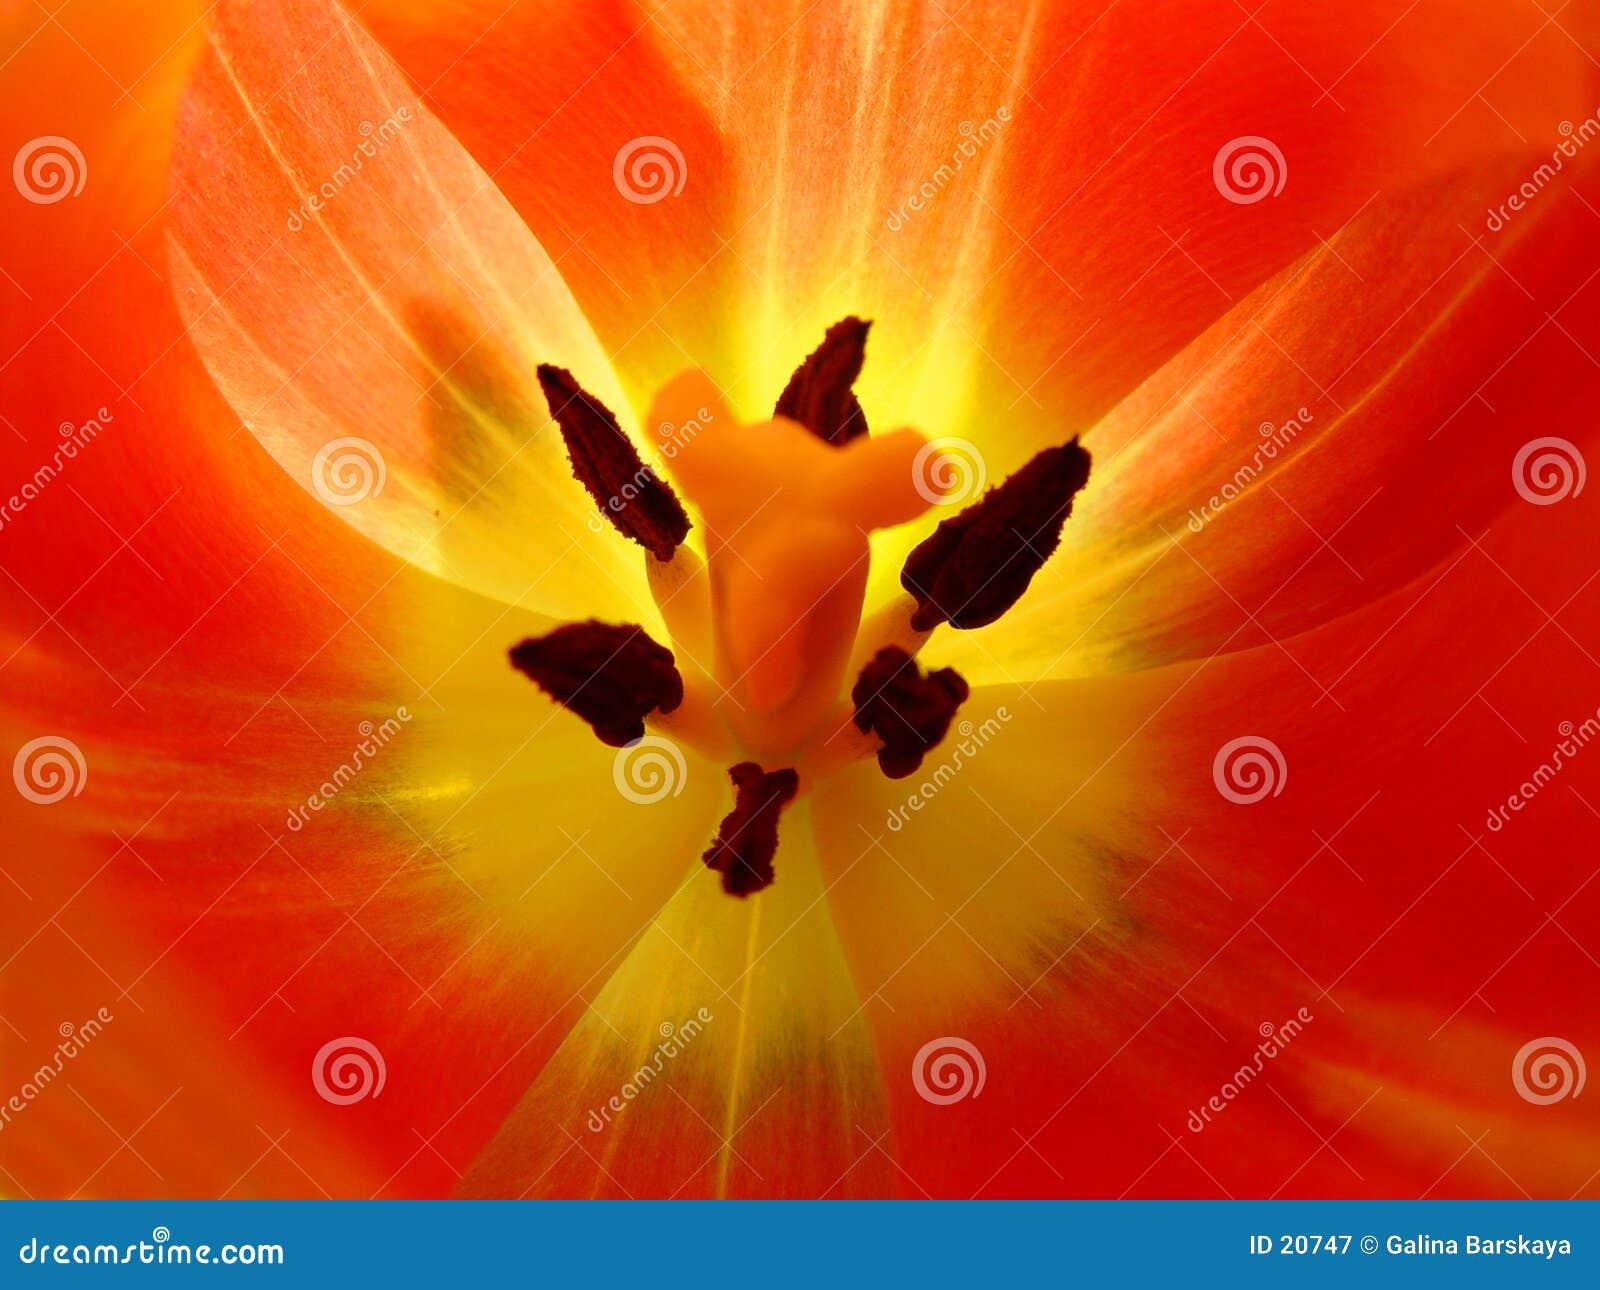 Close-up of tulip